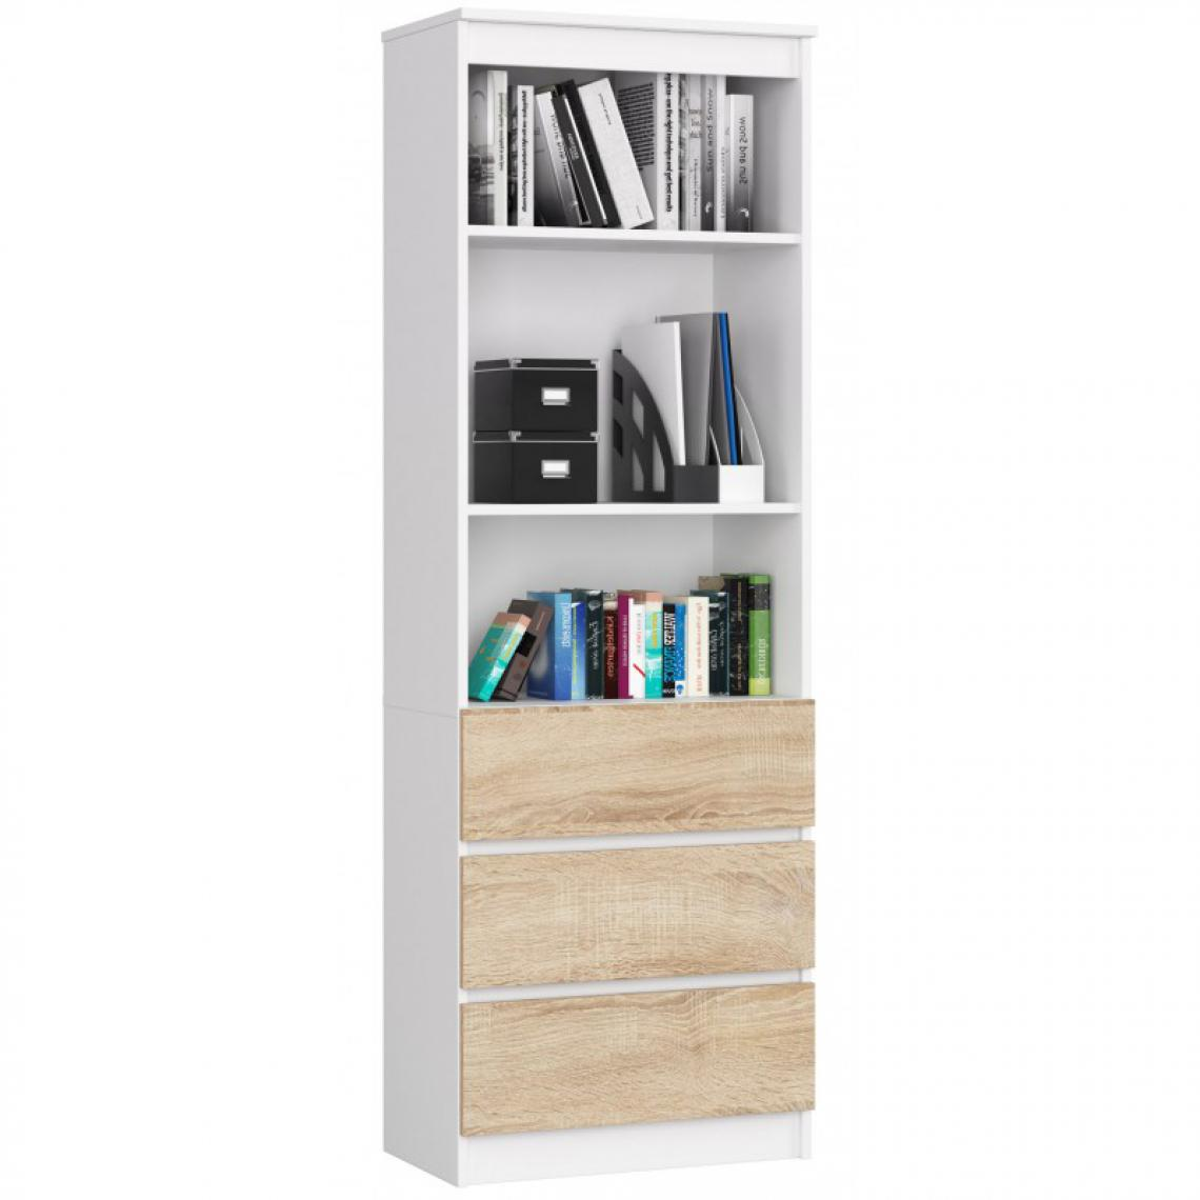 Hucoco CARLO - Grande bibliothèque moderne - 2 étagères + 3 tiroirs - 180x60x35cm - Rangement livres/déco - Sonoma